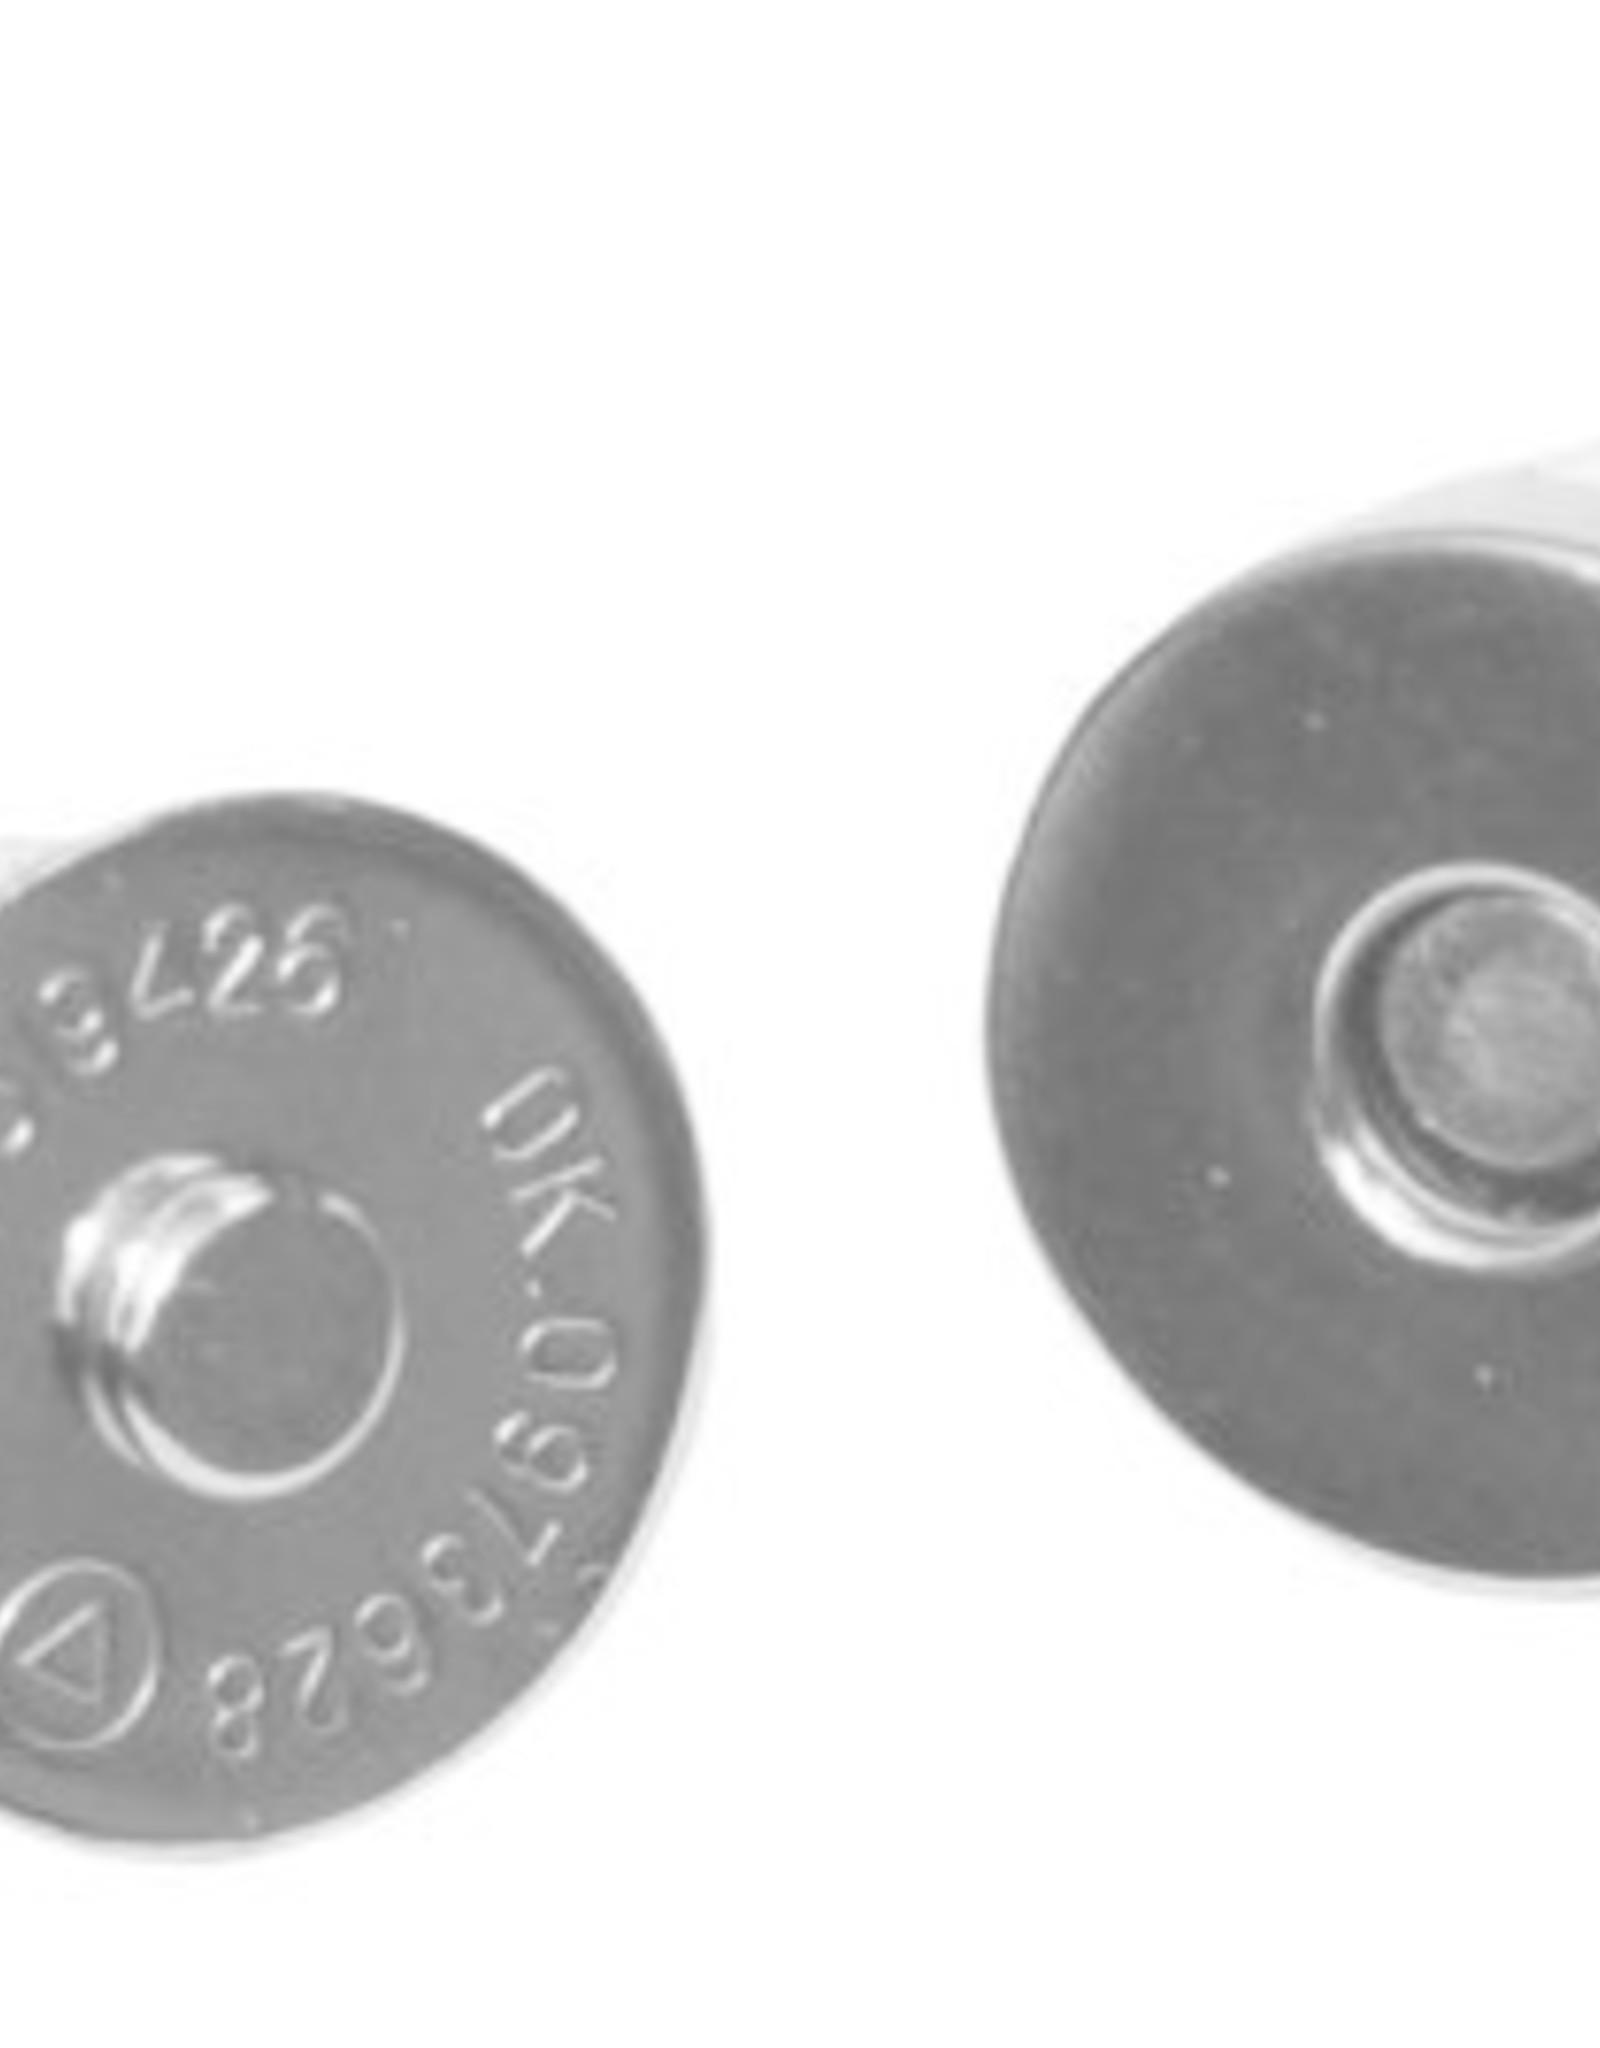 Magneetsluiting 18mm - Zilver